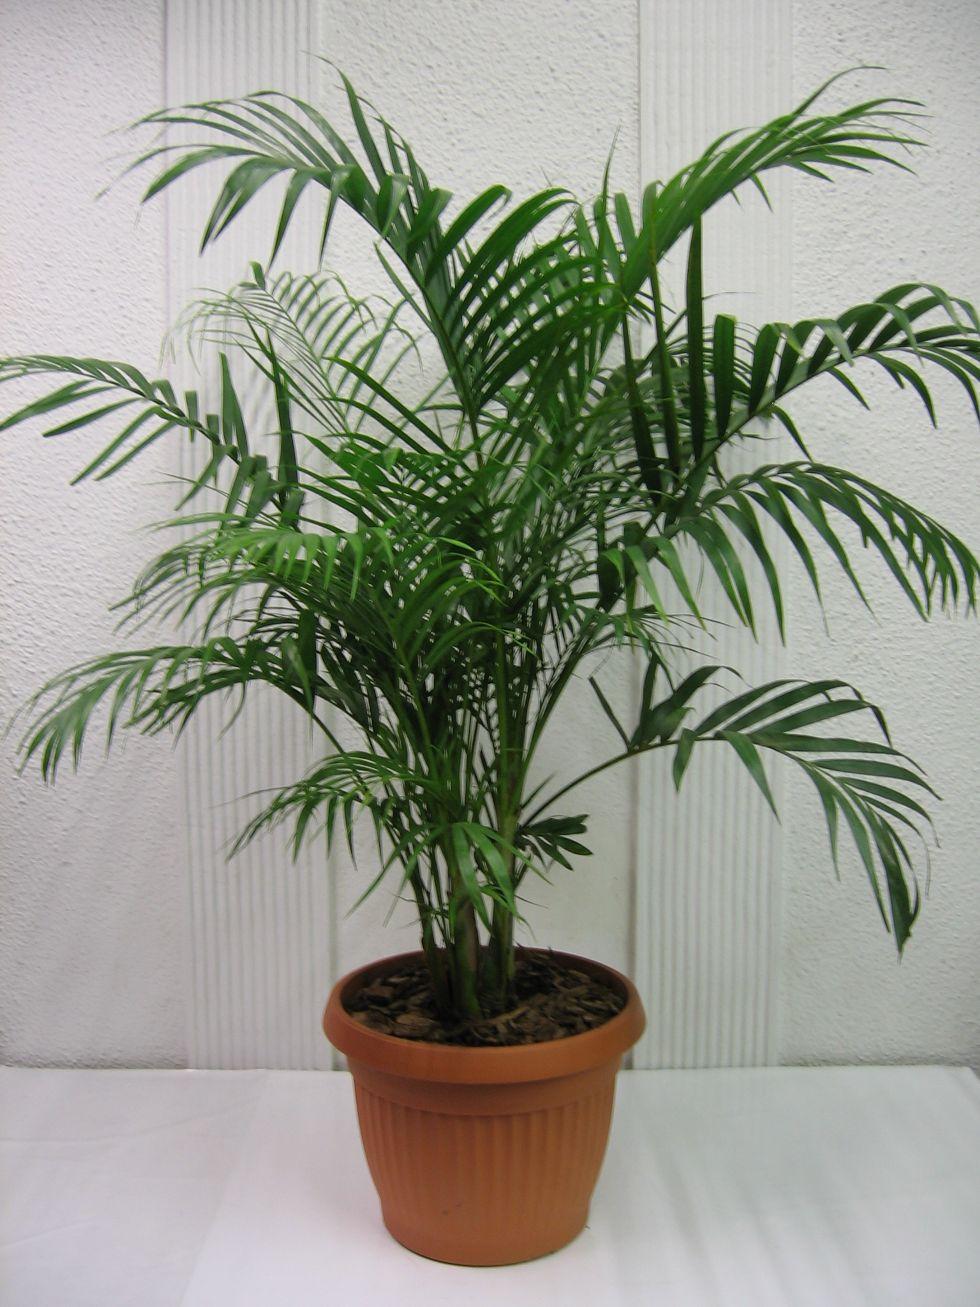 El jard n de gaia la palma areca - Planta interior palmera ...